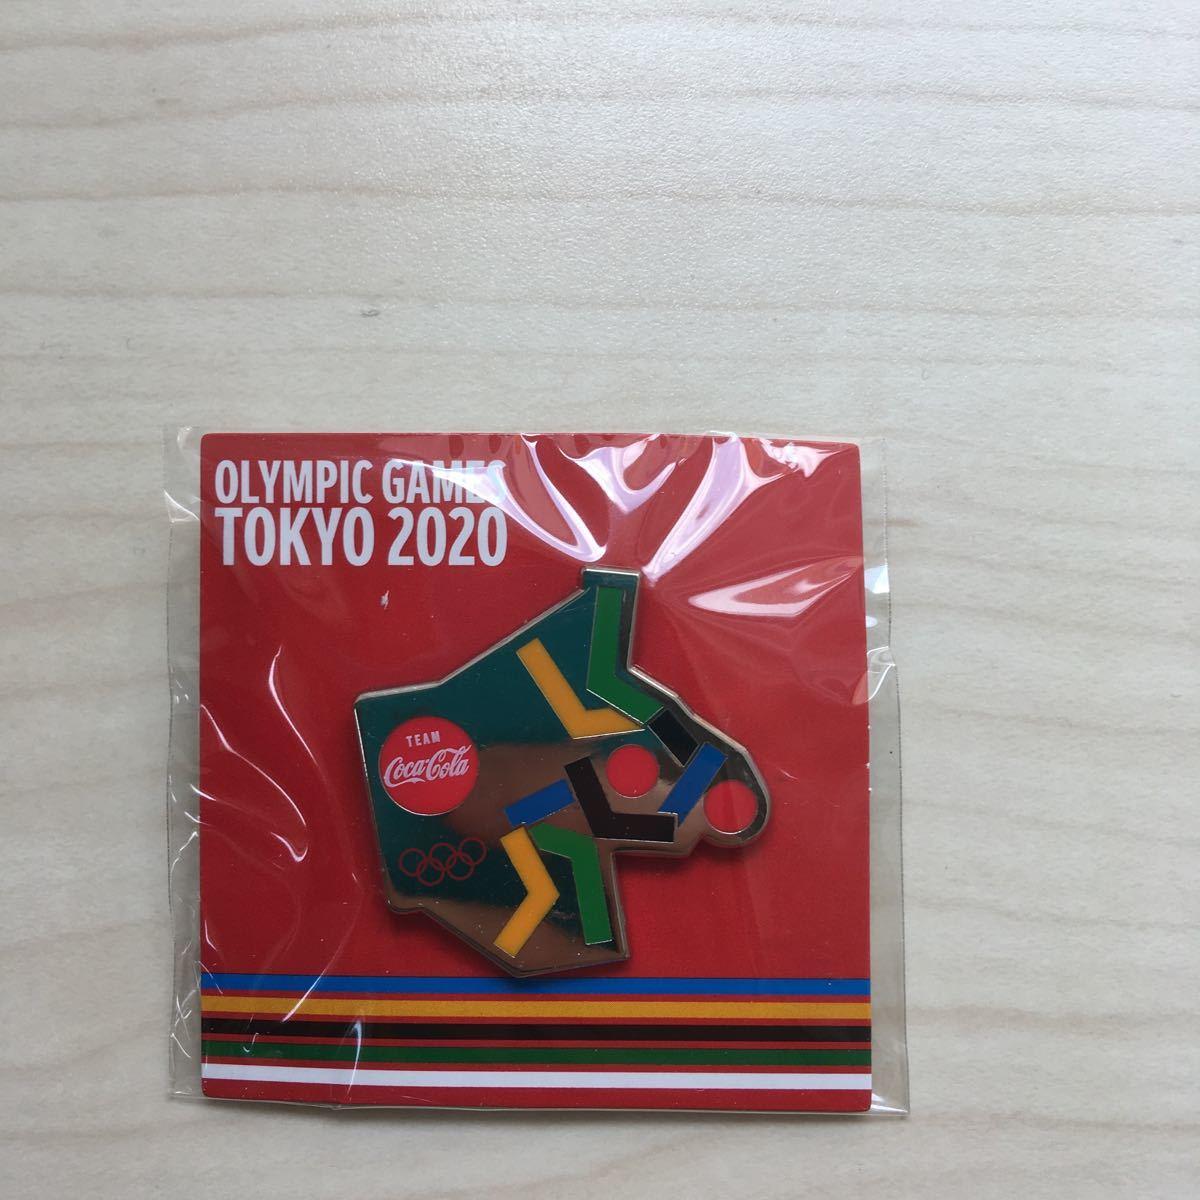 東京オリンピック ピンバッジ 柔道 コカコーラ 2020 ピントレーディング